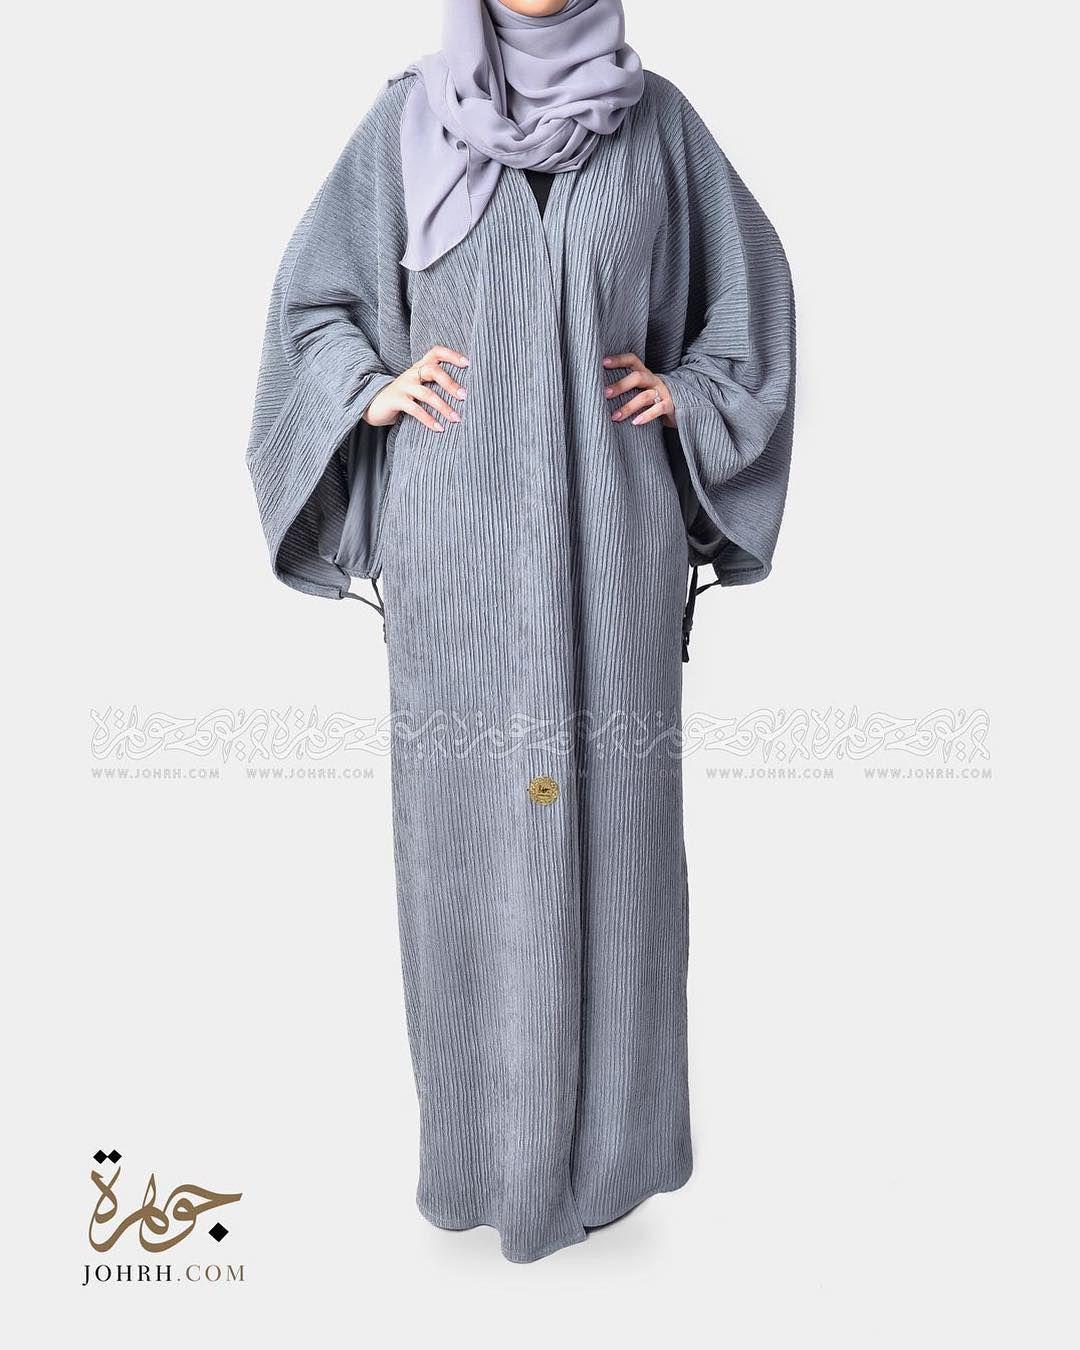 رقم الموديل 1226 السعر 230 ريال عباية بقصة اماراتية وقماش استرتش بتقليمه مميزه ولون رمادي غامق وقصة كم واسع قابله للزم بشريط في نها Coat Fashion Raincoat